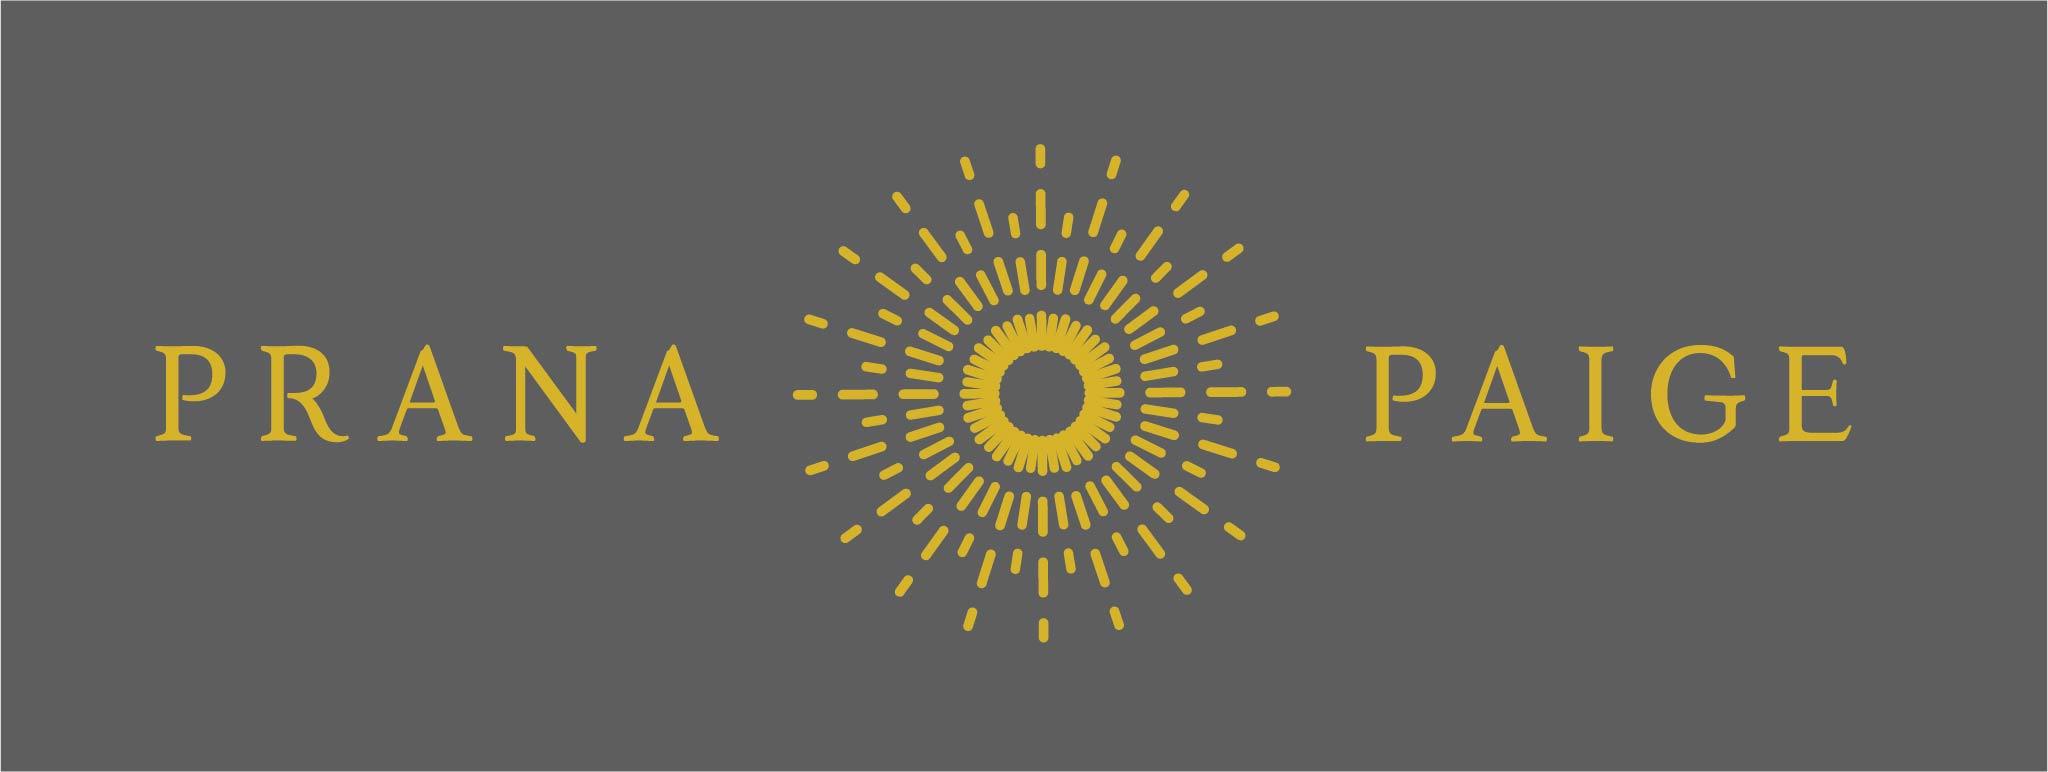 PP_logo_Gold_OnGrey_RGB.jpg